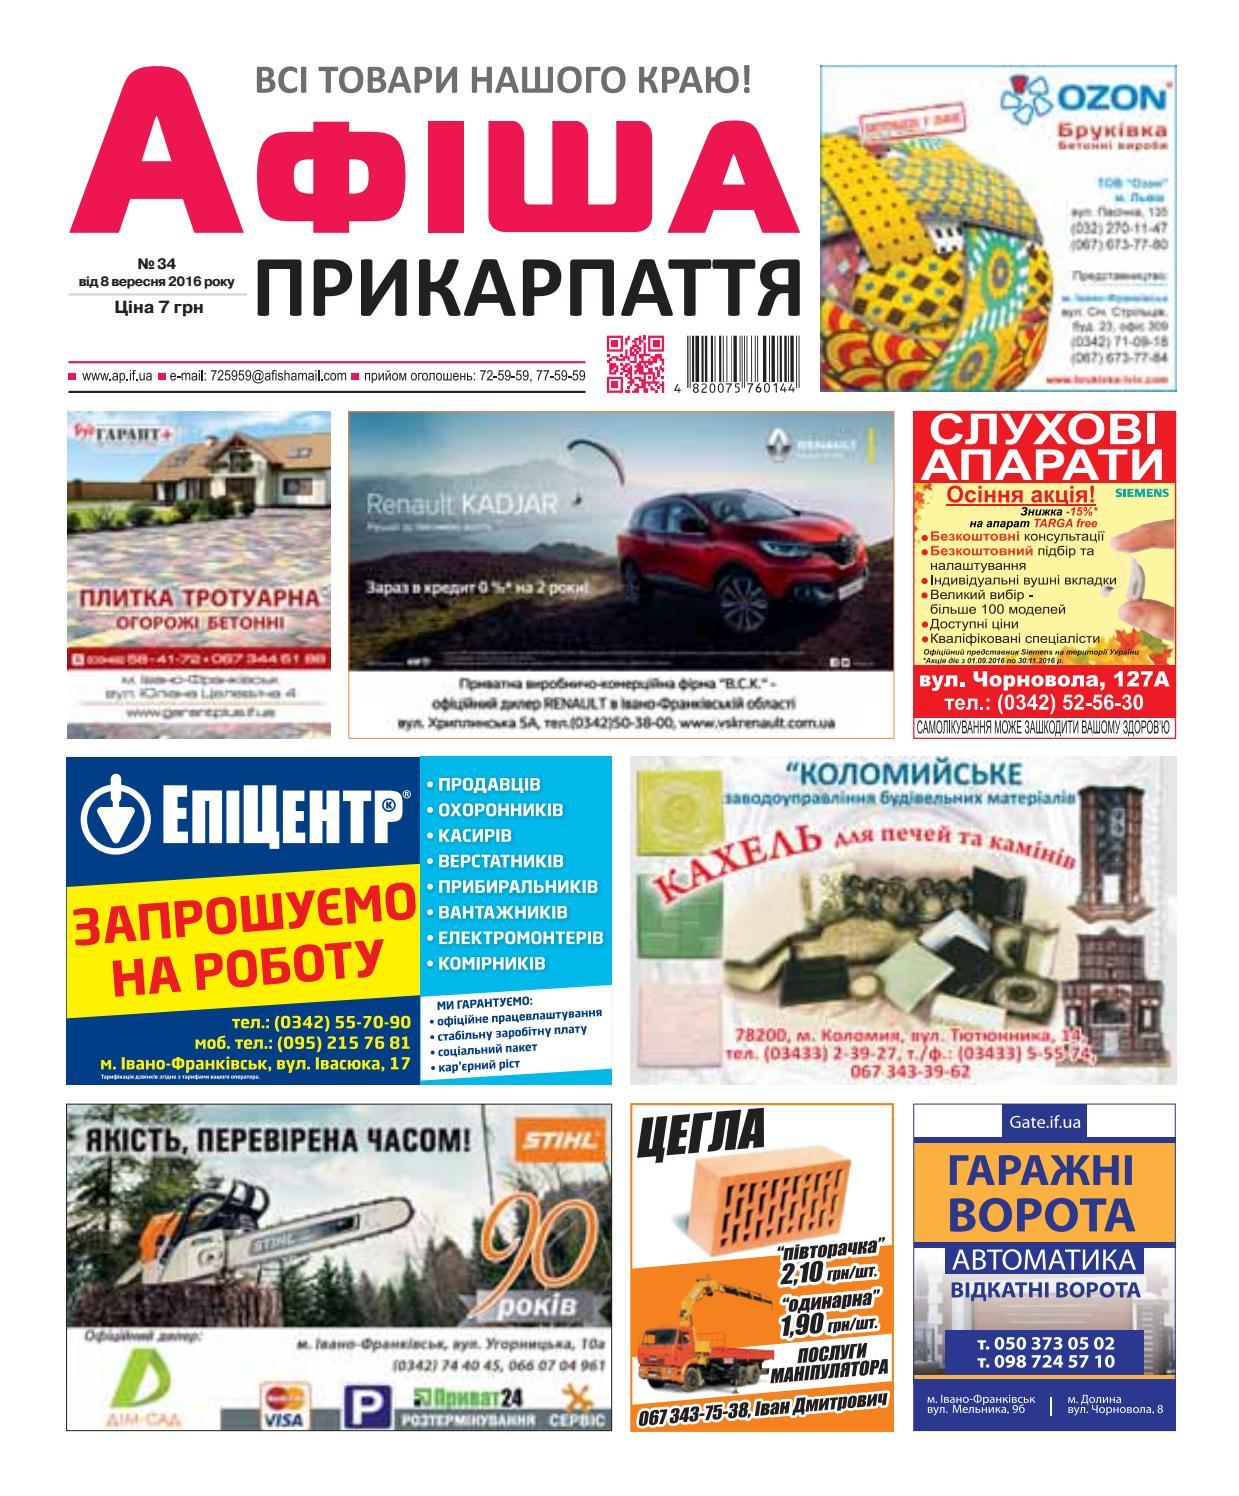 Афіша ПРИКАРПАТТЯ №34 by Olya Olya - issuu 819868df51de4